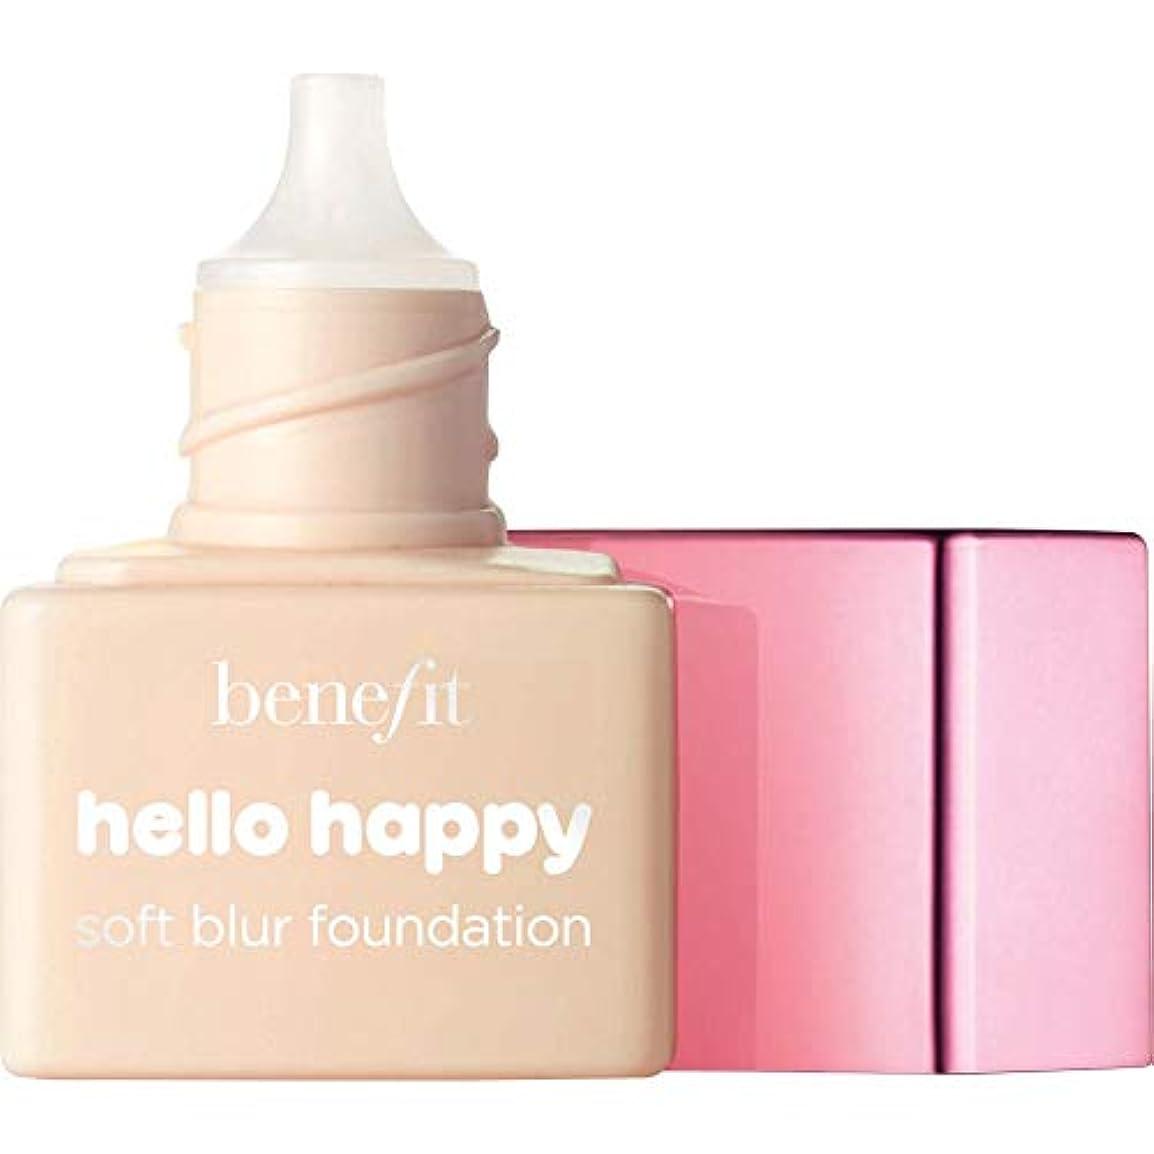 先にかわいらしい専門用語[Benefit ] ミニ2 - - ハロー幸せソフトブラー基礎Spf15の6ミリリットルの利益に暖かい光 - Benefit Hello Happy Soft Blur Foundation SPF15 6ml - Mini...